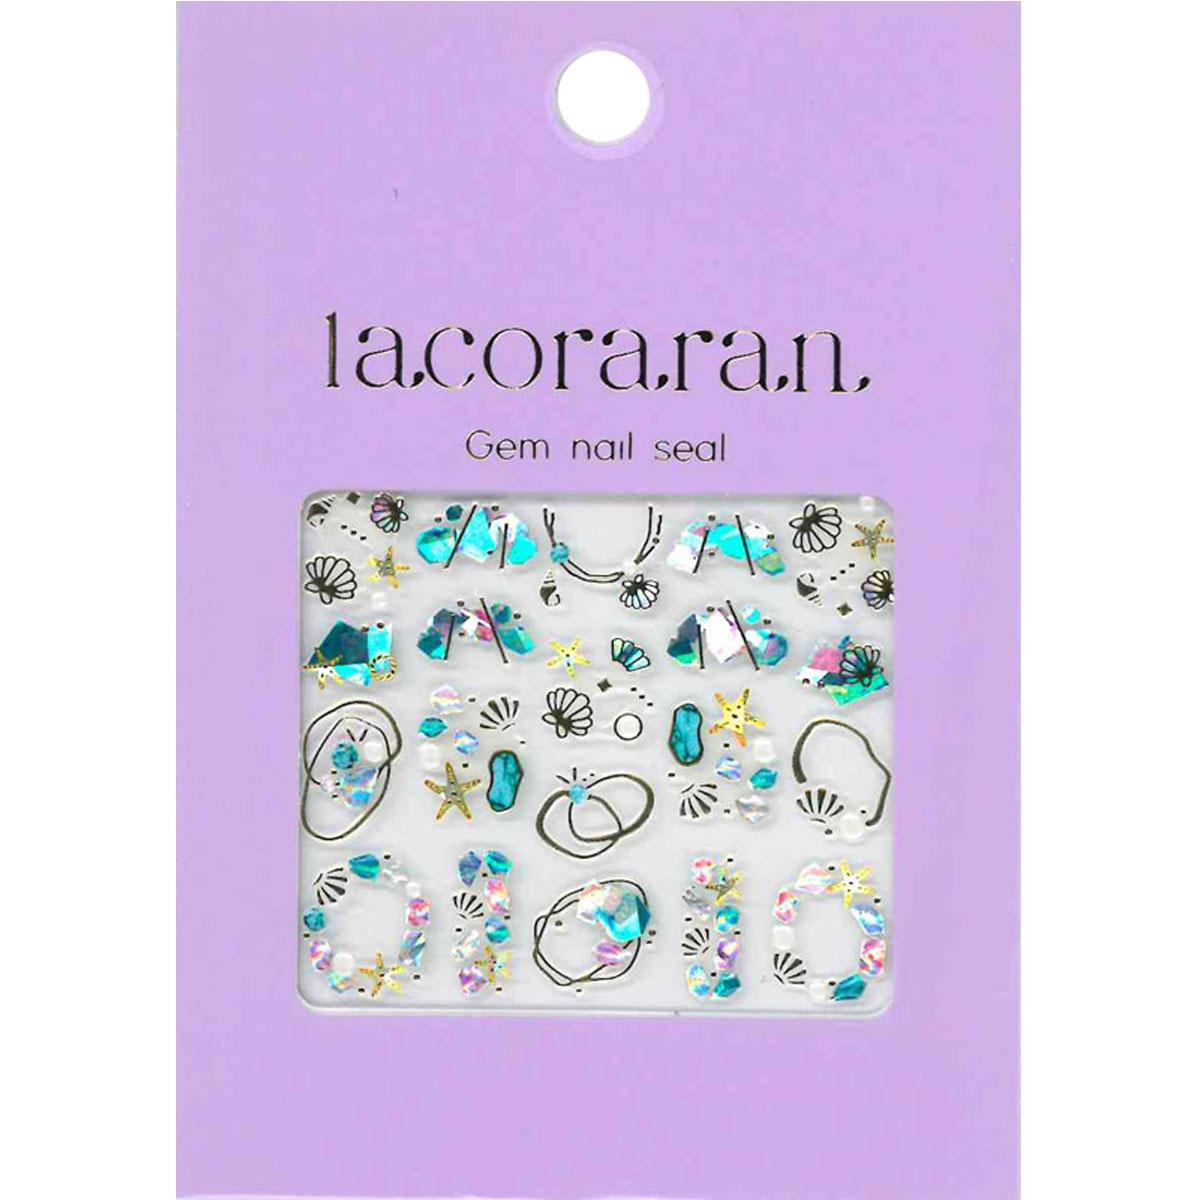 ラコララン ジェムネイルシール 11 パラディシェル 夏ネイル 海 宝石 貝殻 ペディキュア ネイルデザイン 簡単 セルフネイル ネイルシール